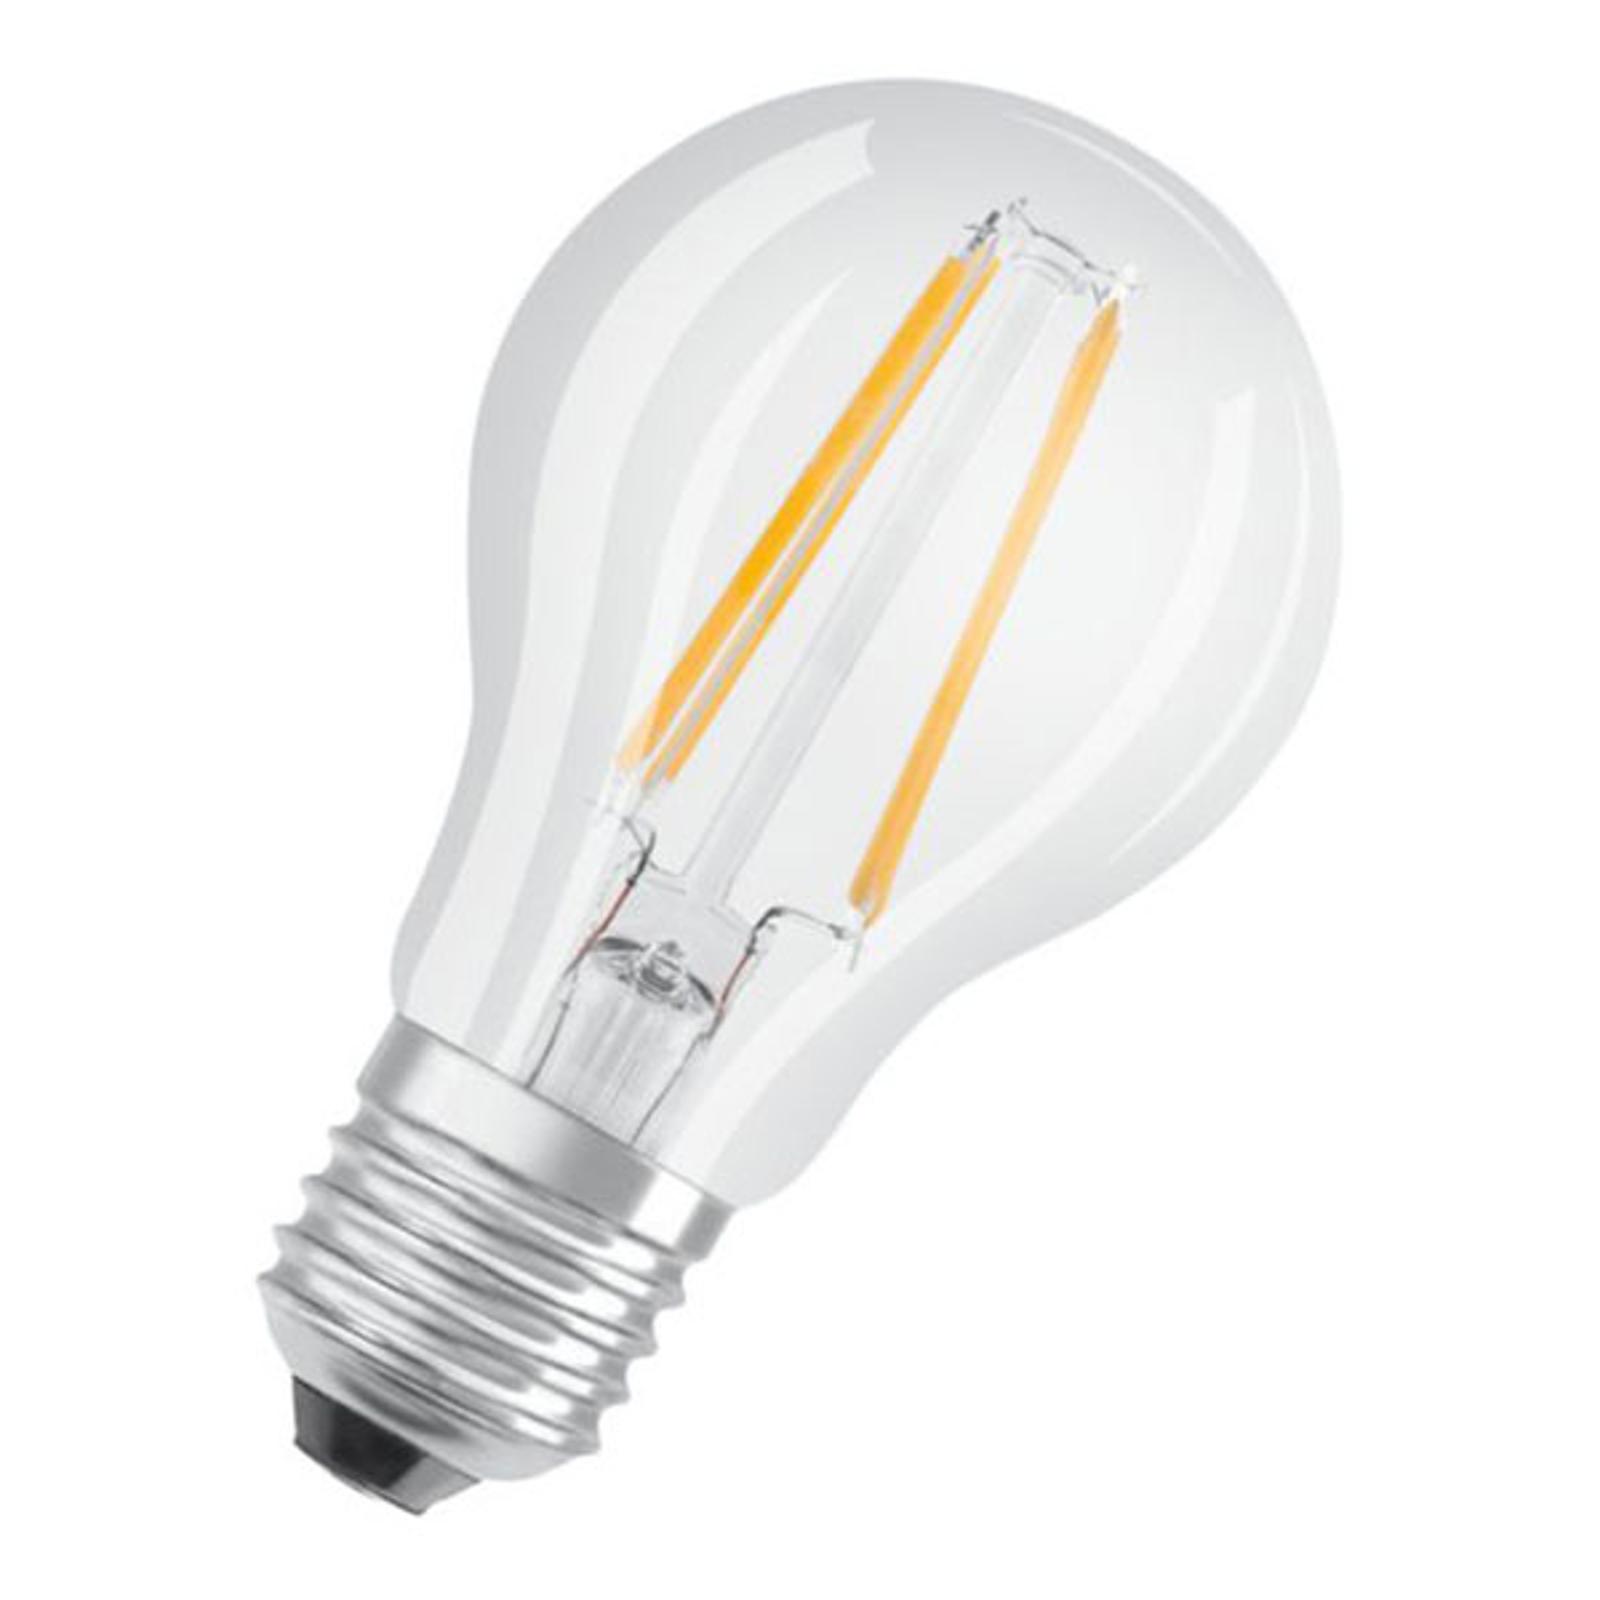 OSRAM Classic A żarówka LED E27 7W 827 3-Step-dim